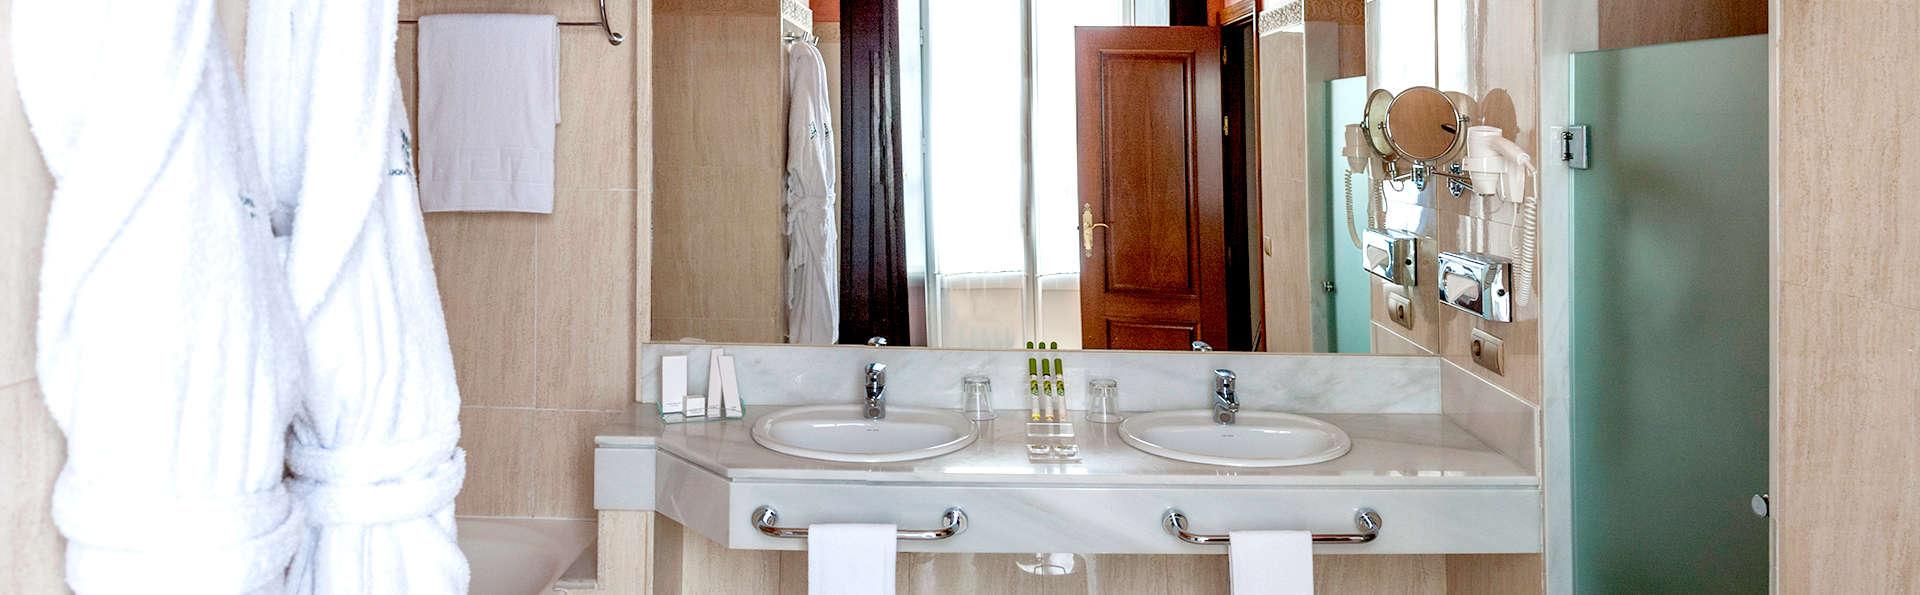 Hotel Duques de Medinaceli - Edit_Front3.jpg